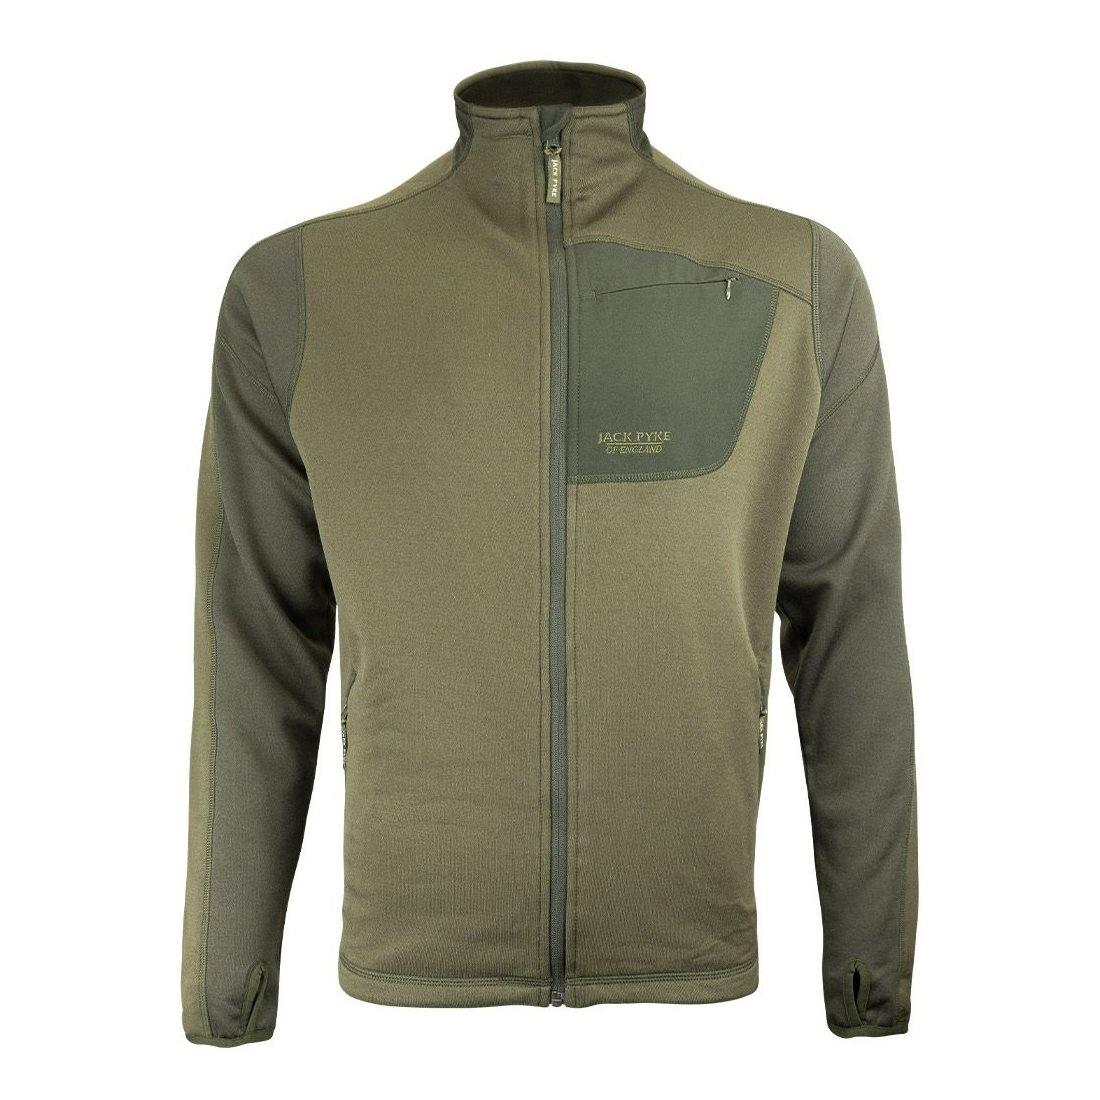 Jacket ASHCOMBE TECHNICAL FLEECE GREEN JACK PYKE JTFLJKTASHG L-11